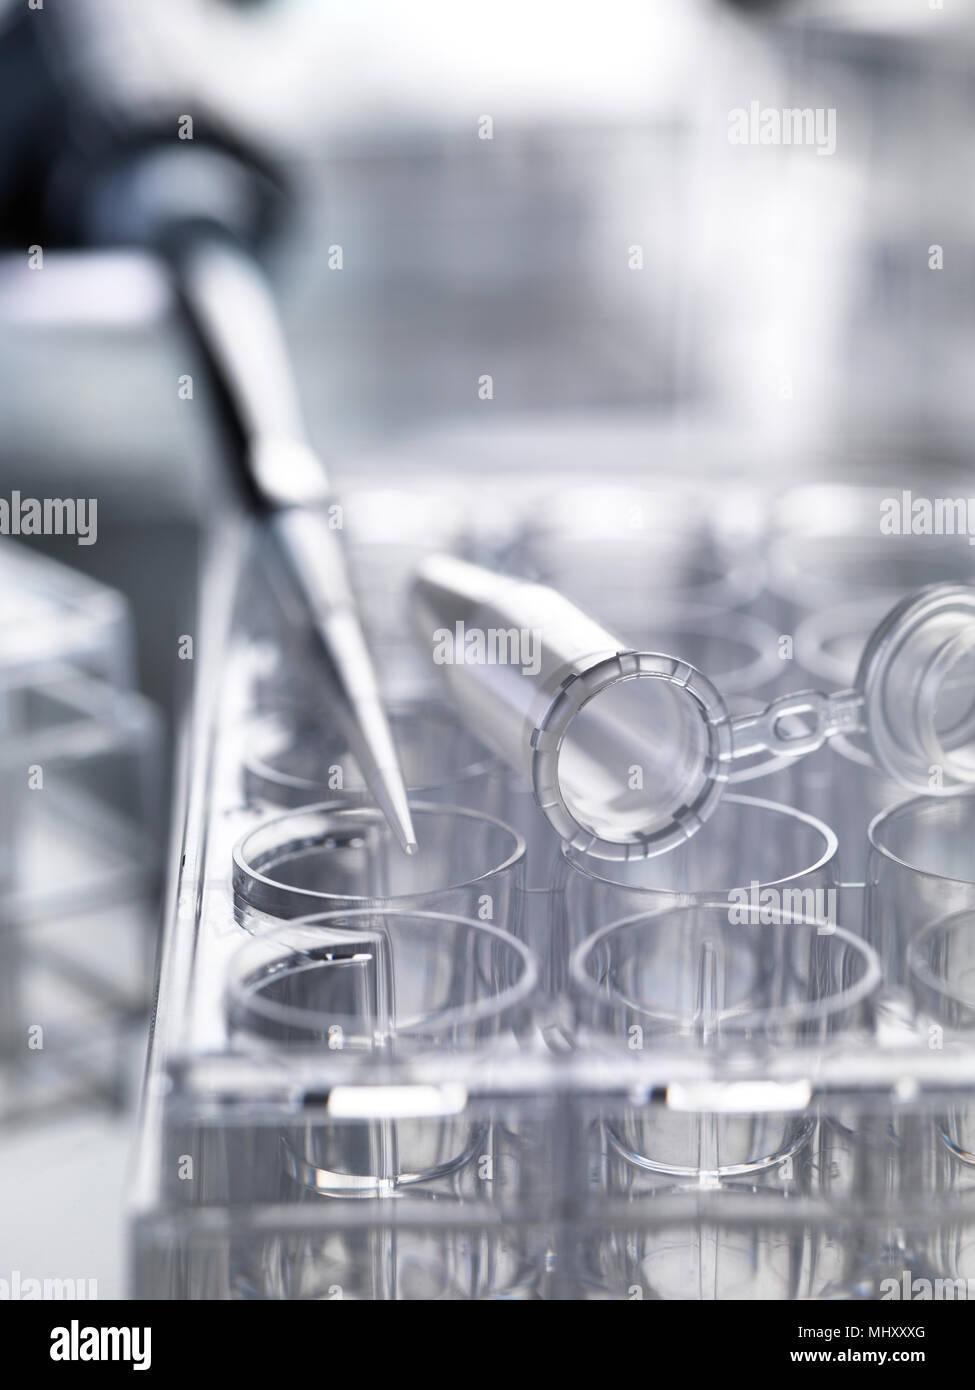 Pipetta utilizzata per erogare campioni seduti sul multi pozzetto piastre usate in esperimenti di laboratorio Immagini Stock